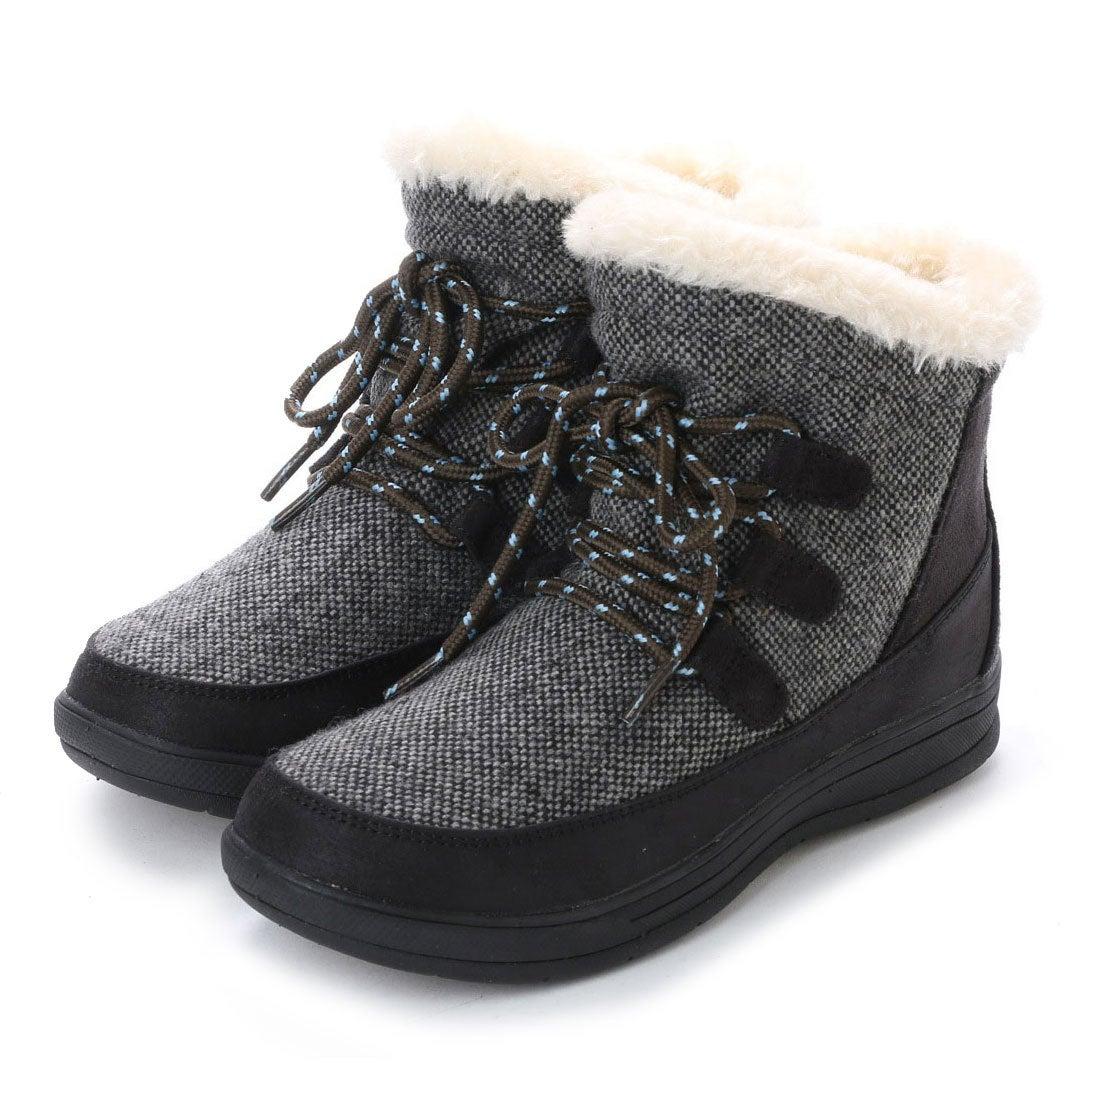 ロコンド 靴とファッションの通販サイトリラッサRilassaRS215(BLK)